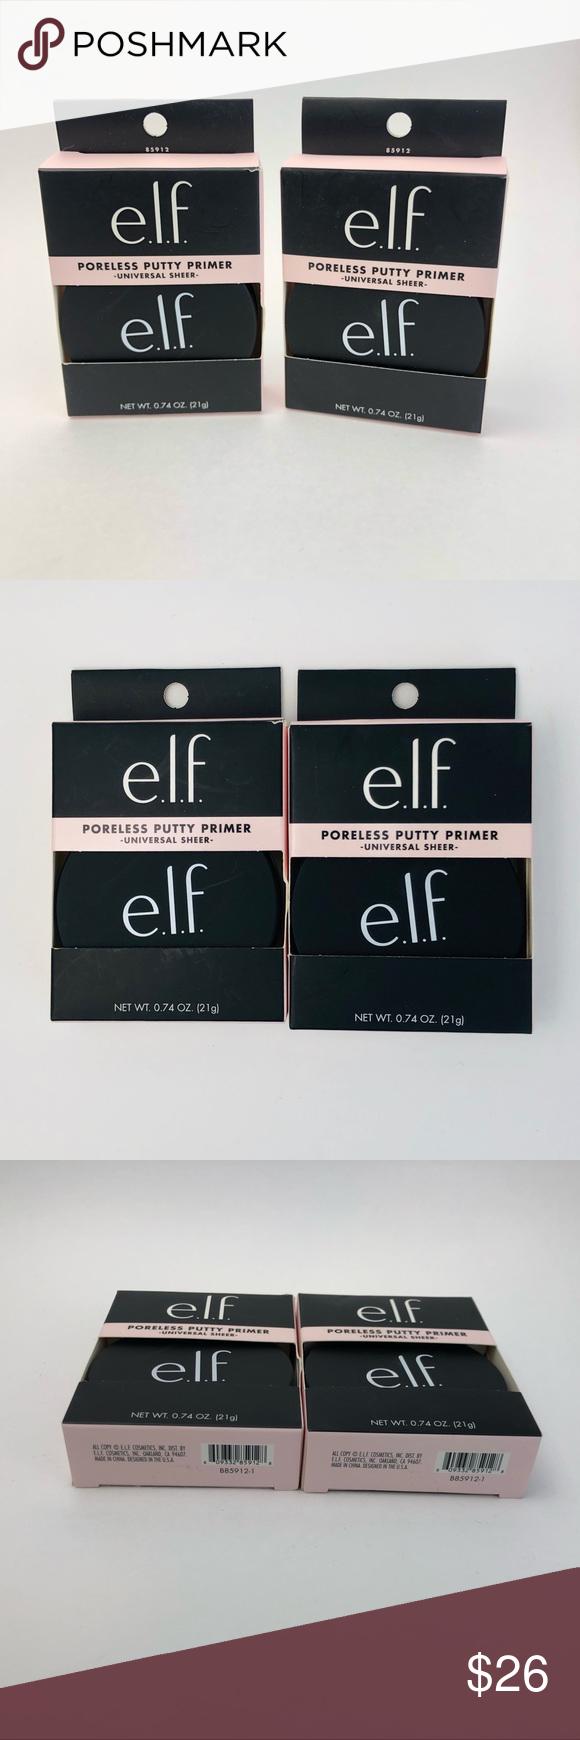 2 E.L.F. Poreless Putty Primer NWT Elf makeup, Primer